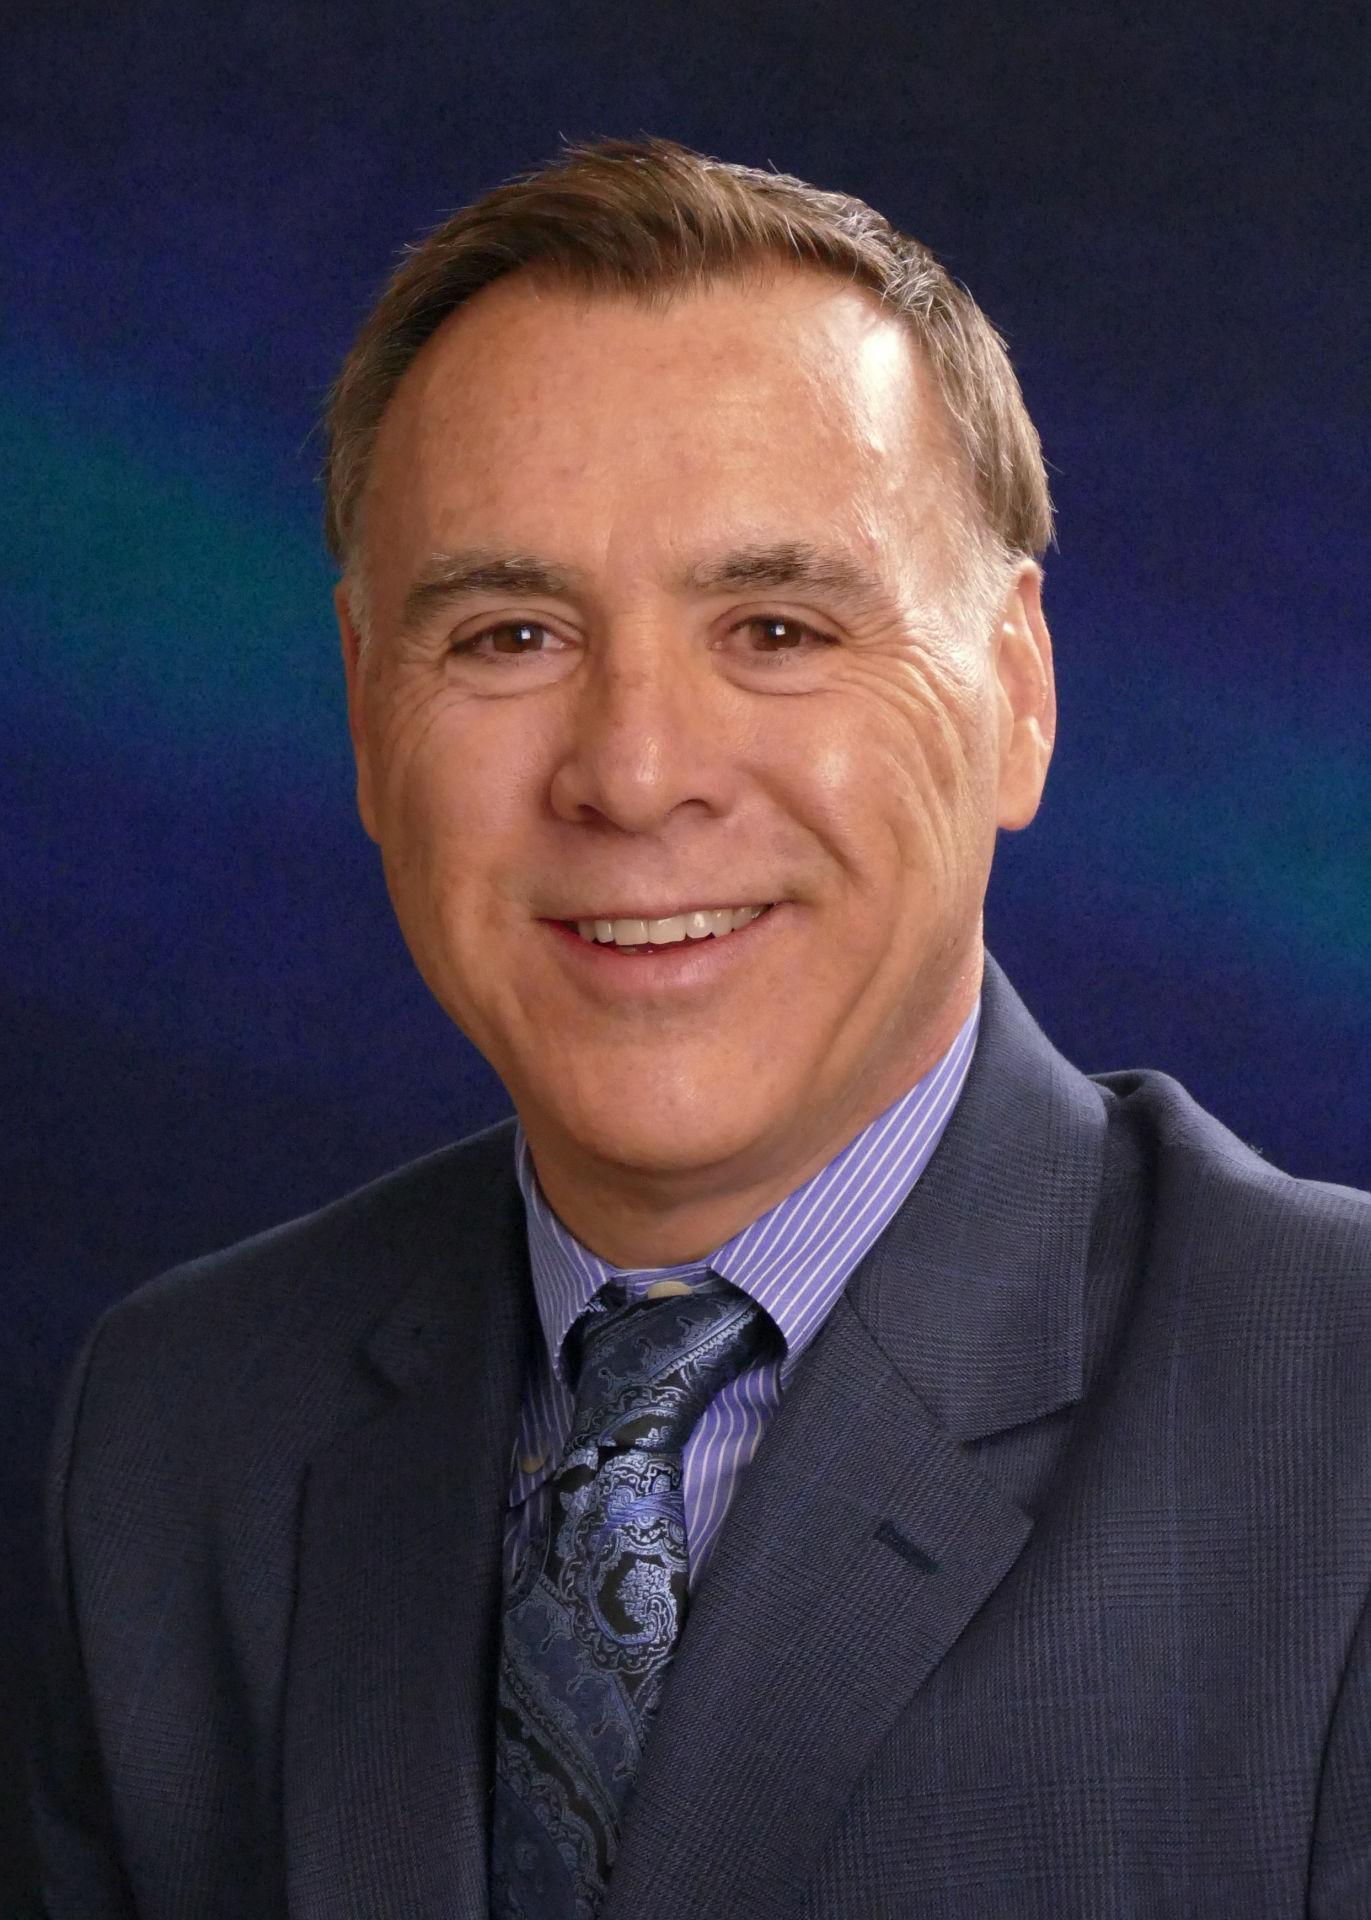 Steven Millette